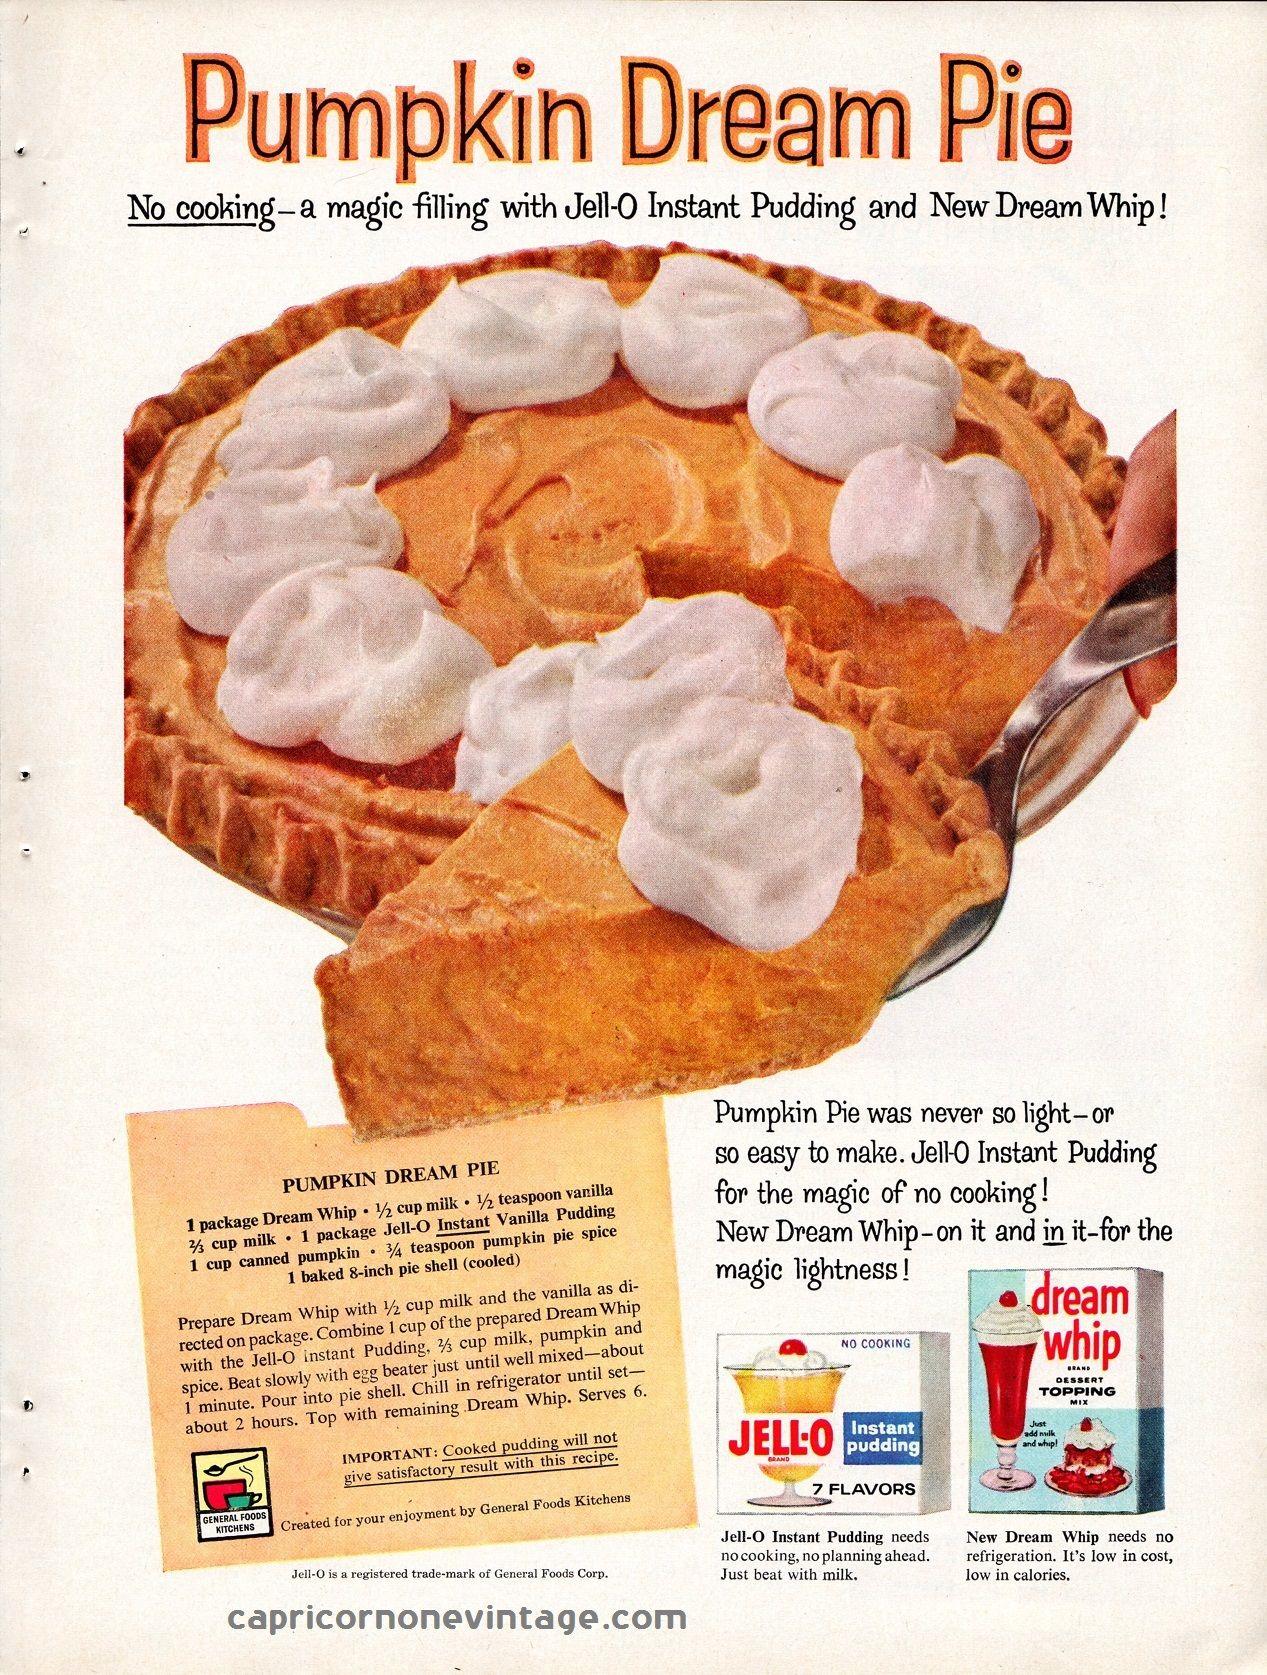 vintage 1959 jello dream whip magazine ad pumpkin dream pie recipe vintage 1959 jello dream whip magazine ad pumpkin dream pie recipe mid century advertising retro kitchen